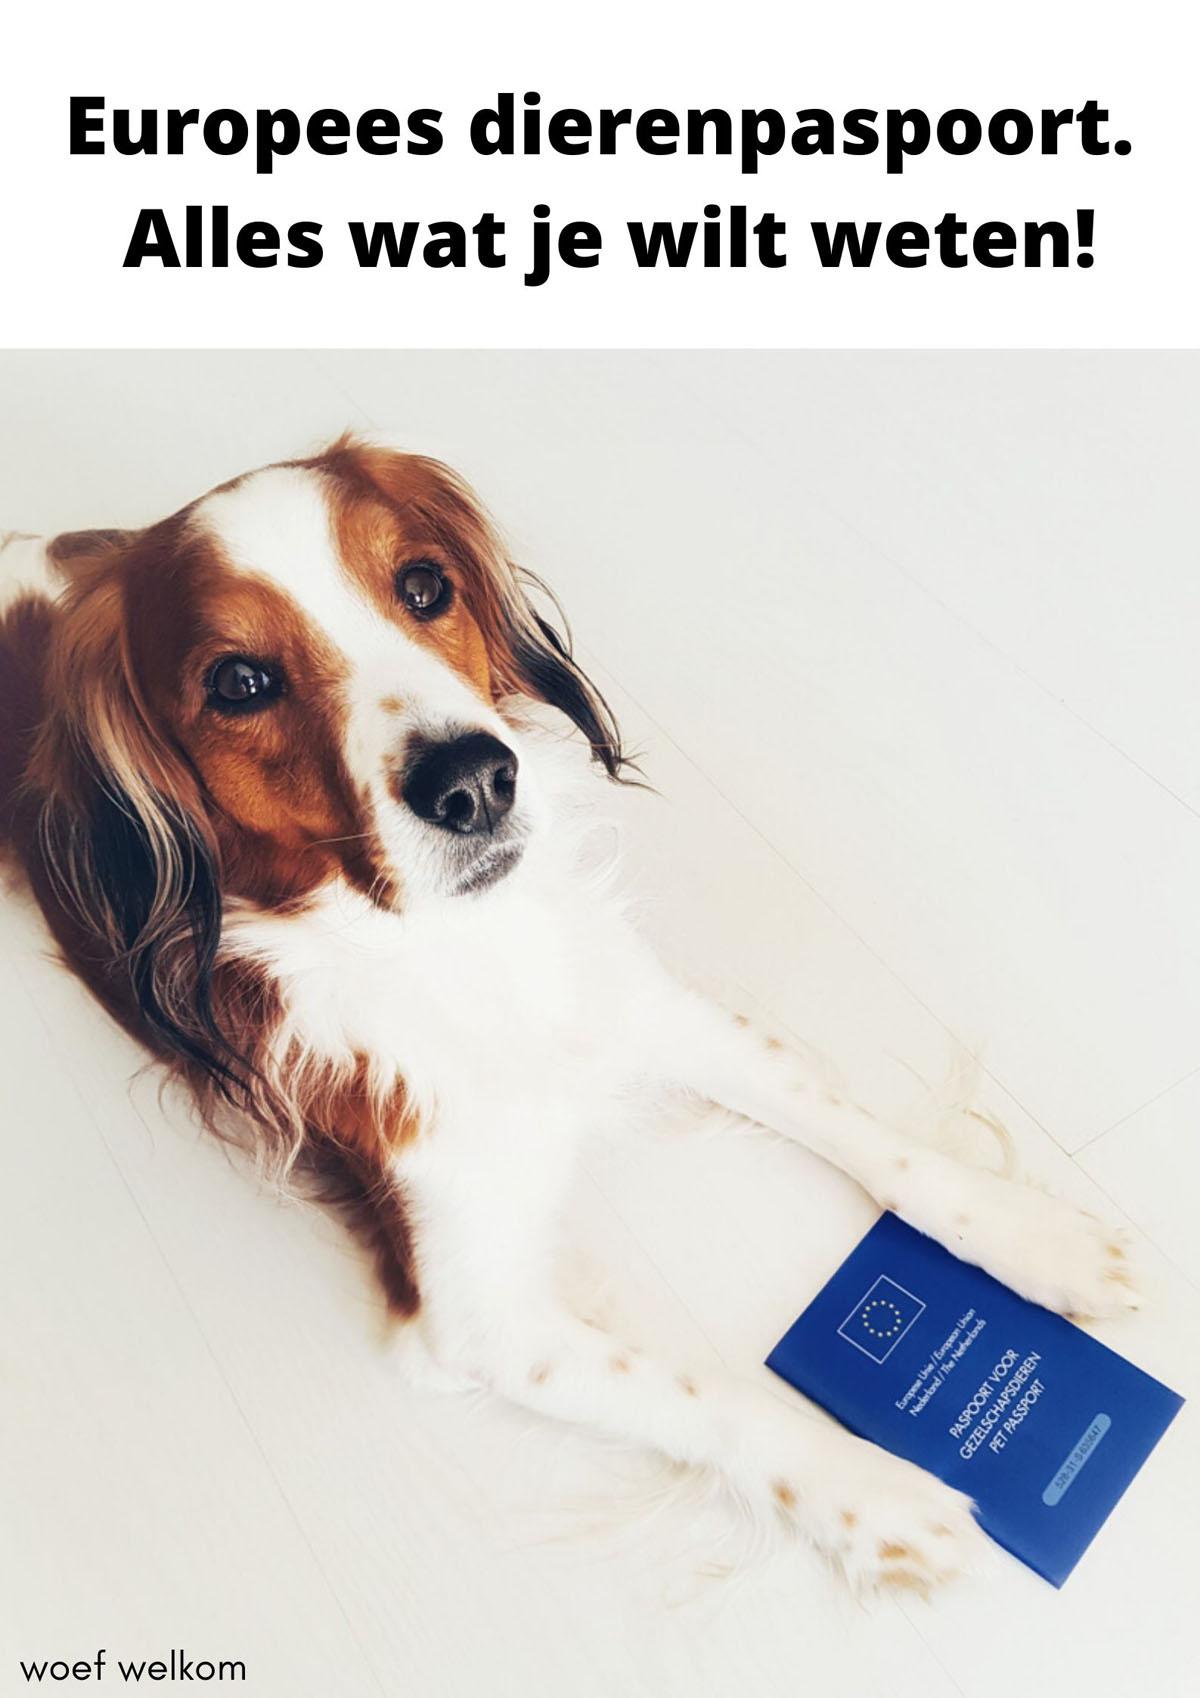 Europees dierenpaspoort 2020. Alles wat je wilt weten.